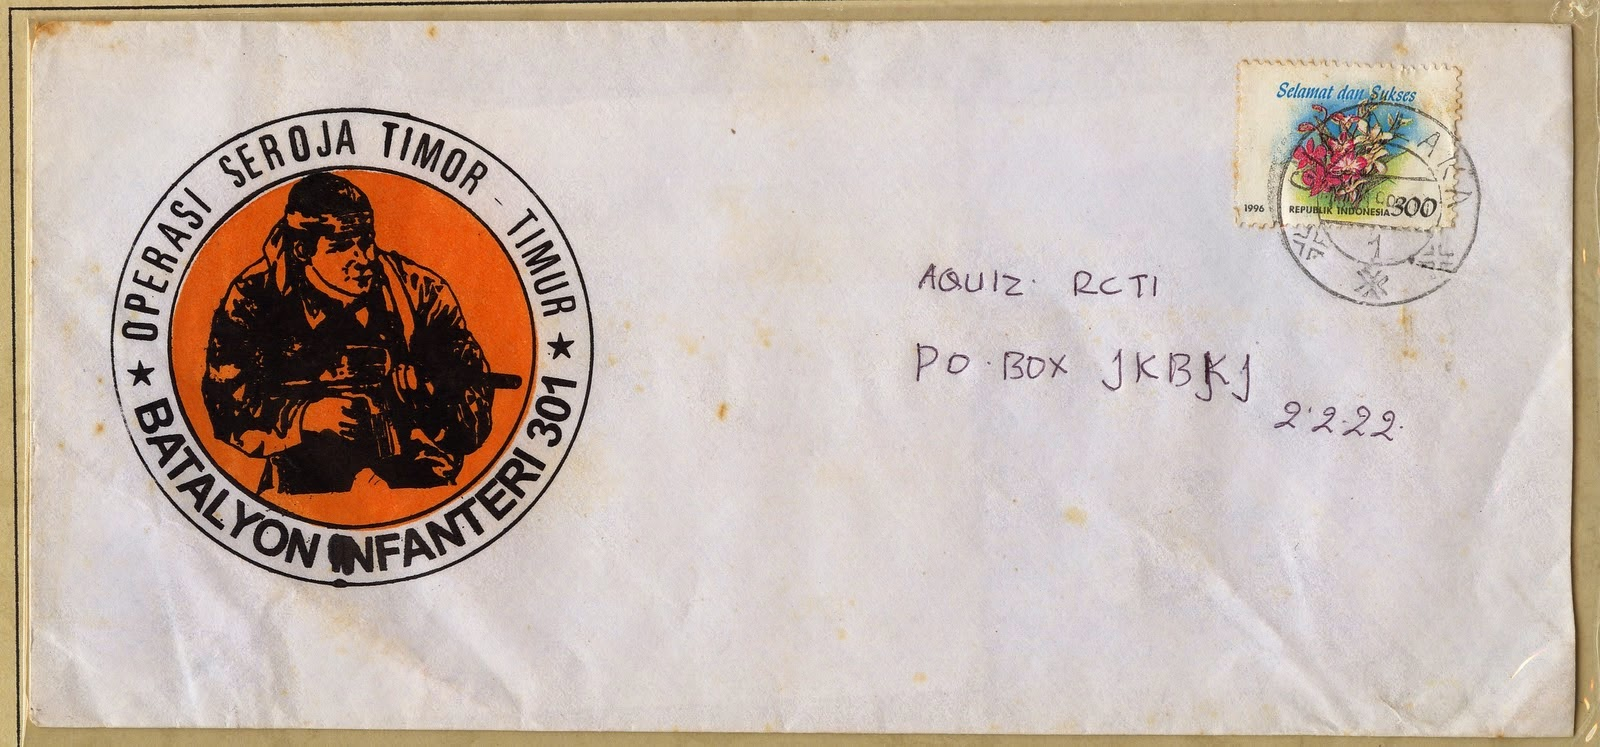 Surat Operasi Seroja Timor Timur